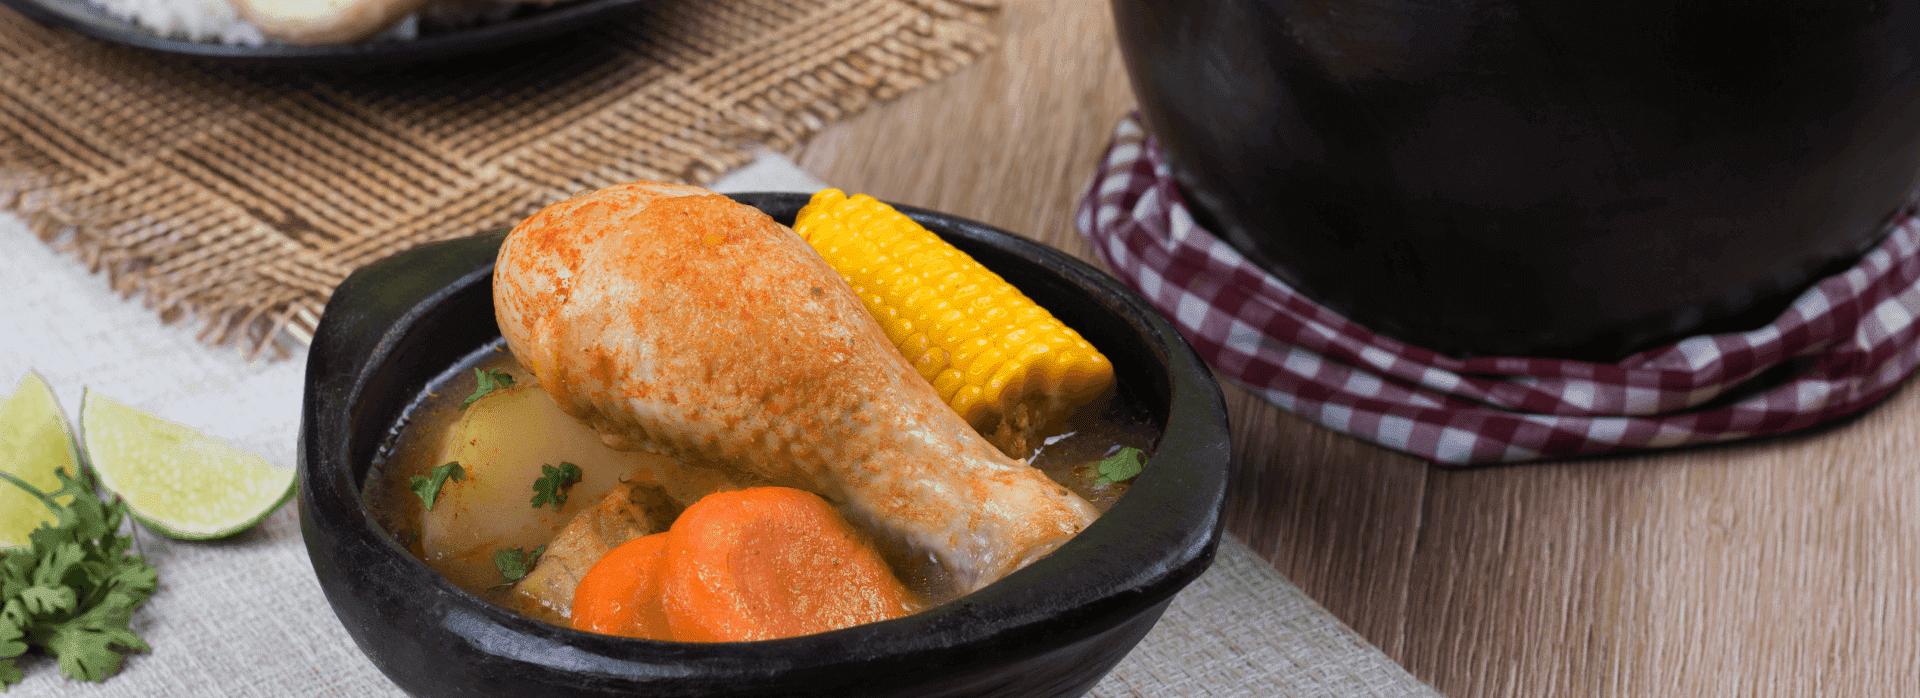 Prueba este delicioso sancocho levantamuertos típico para año nuevo